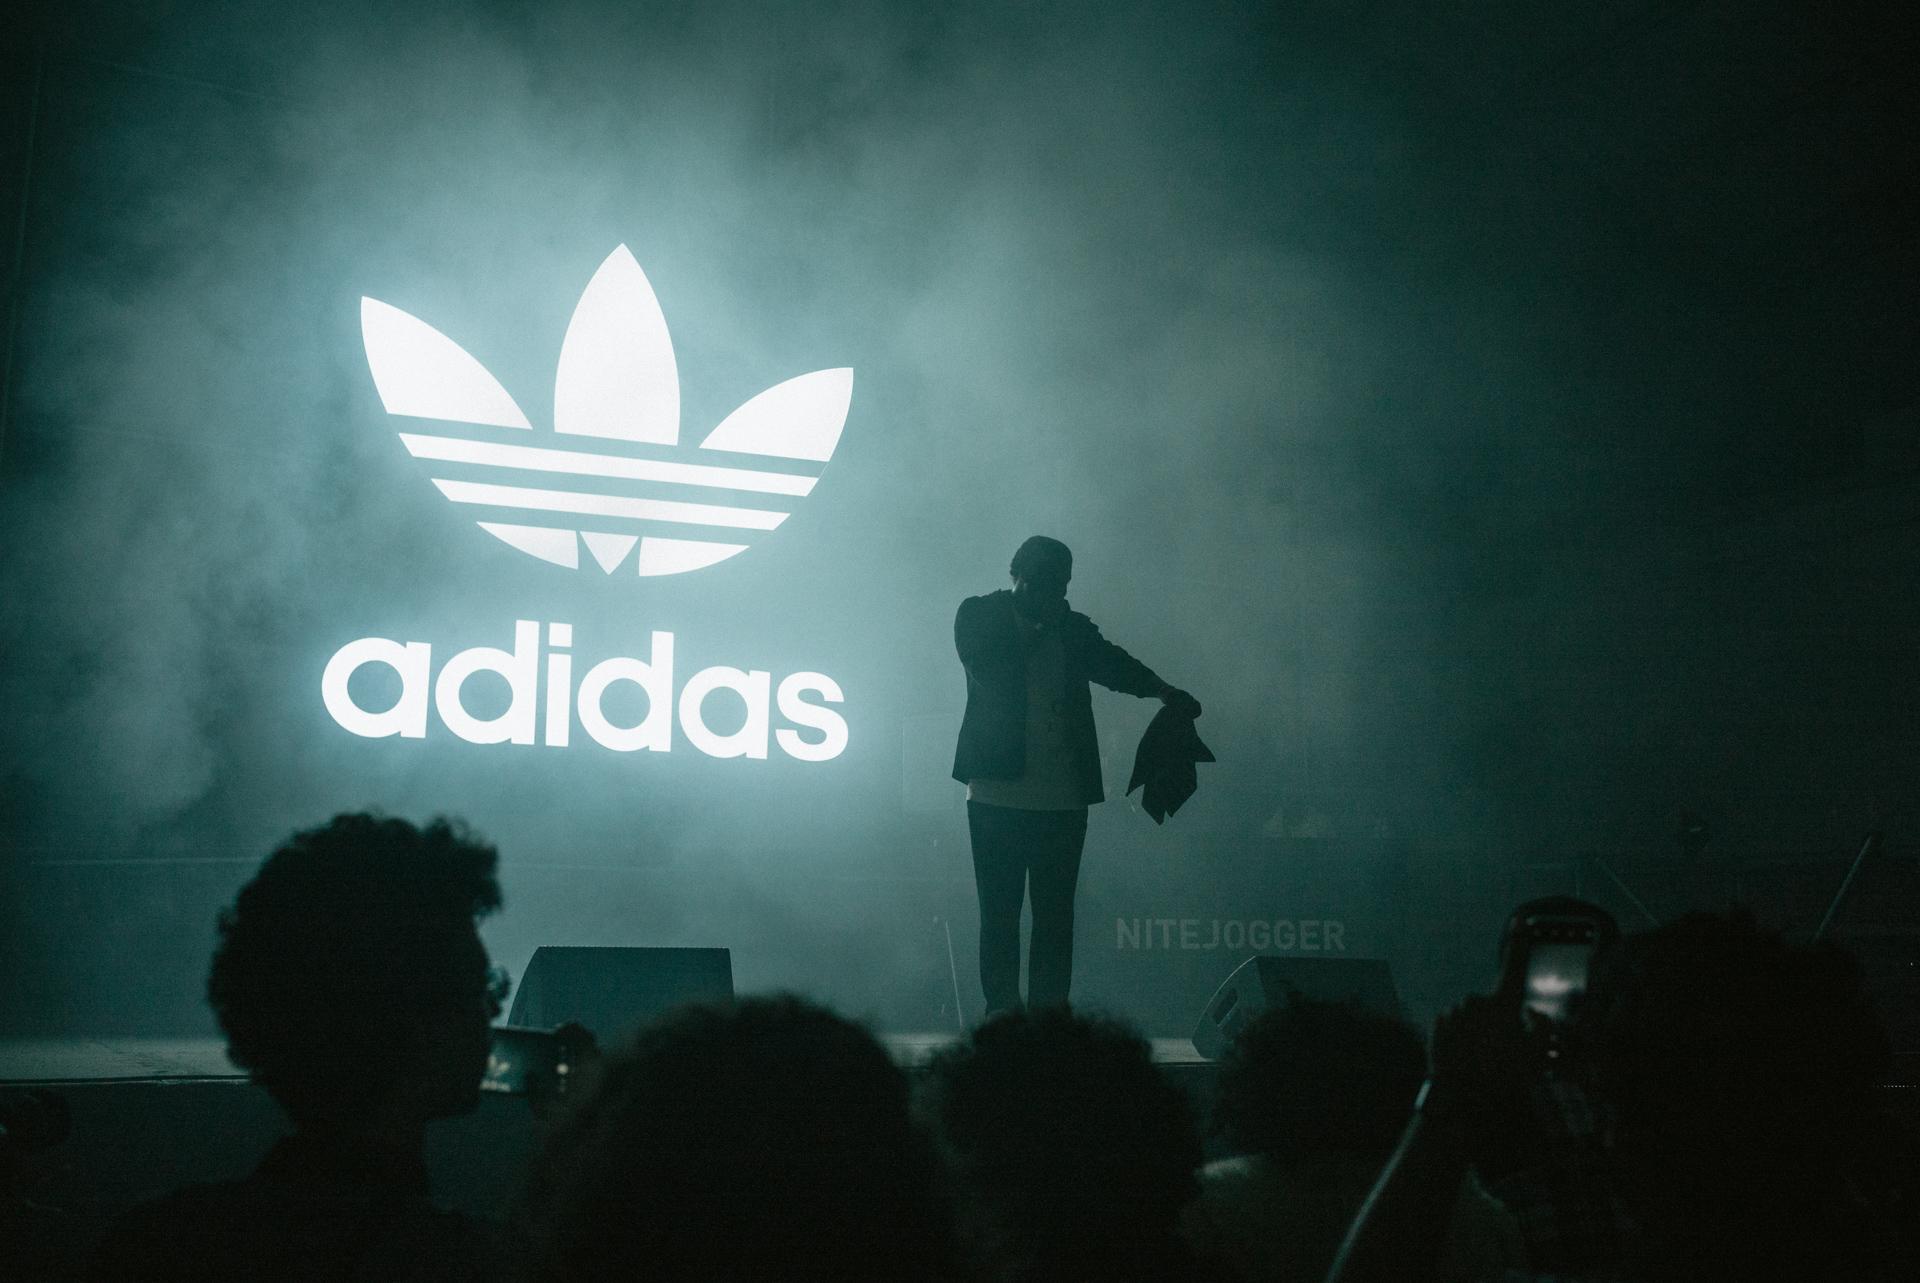 SOLE_Adidas_NiteJogger-2404993.jpg